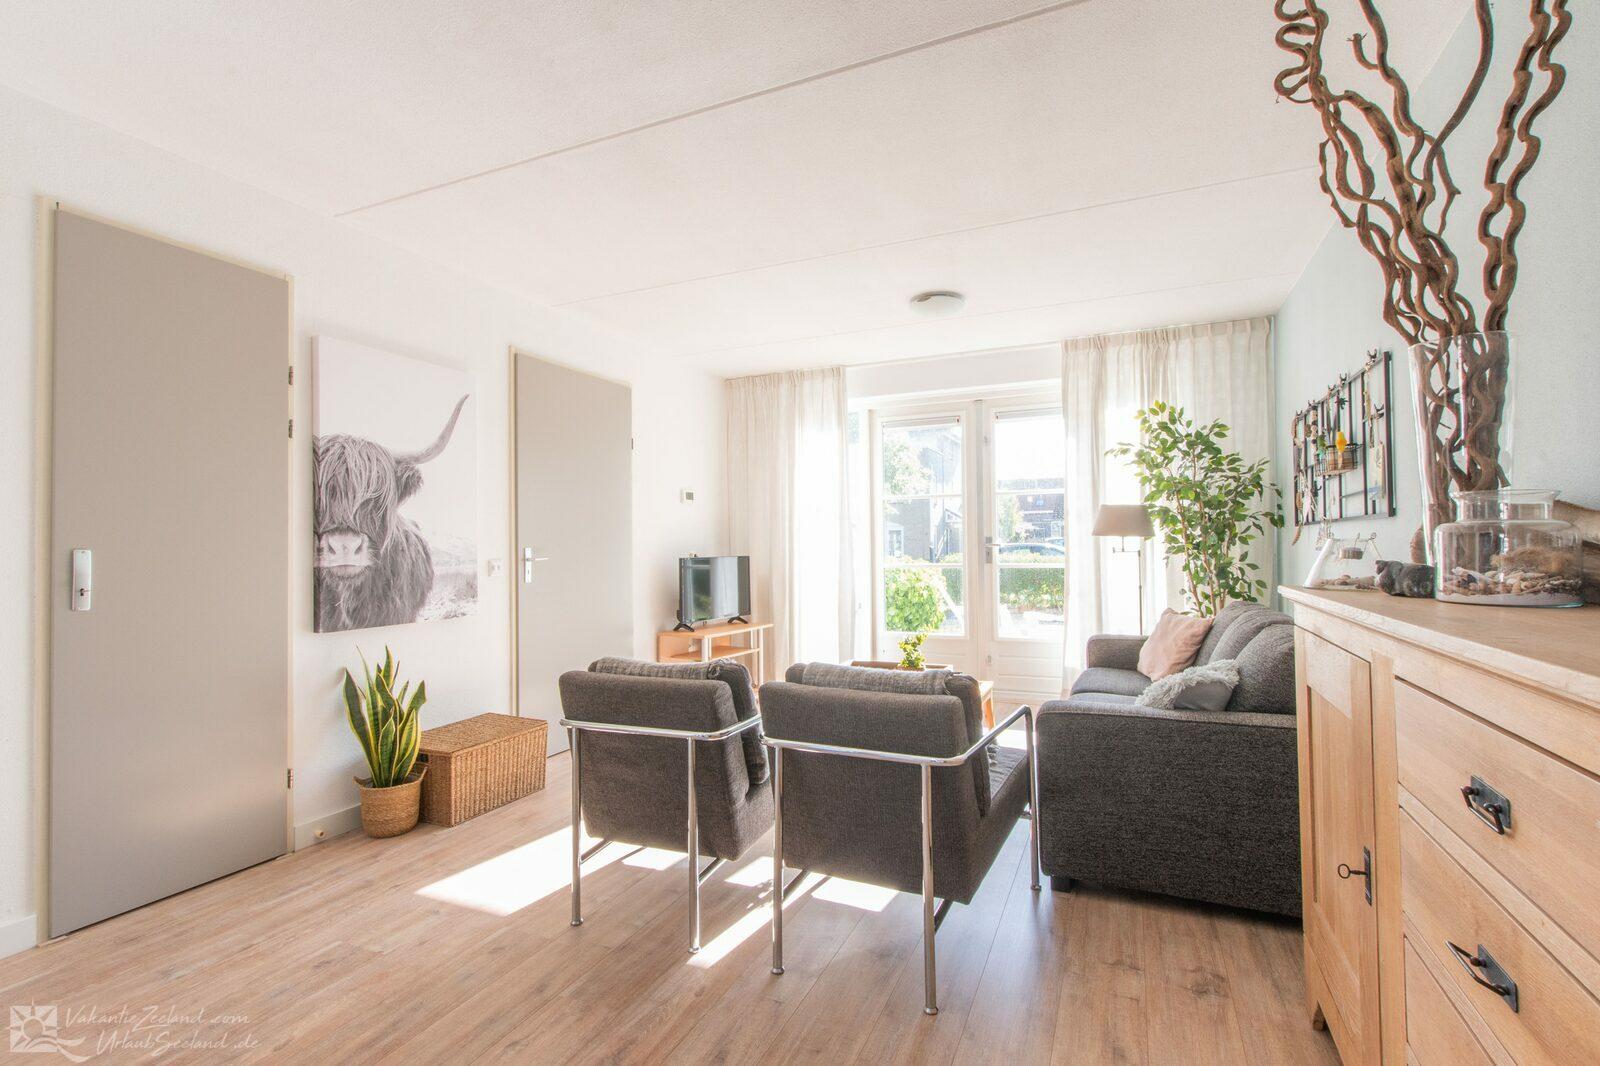 VZ1045 Holiday home in Wemeldinge